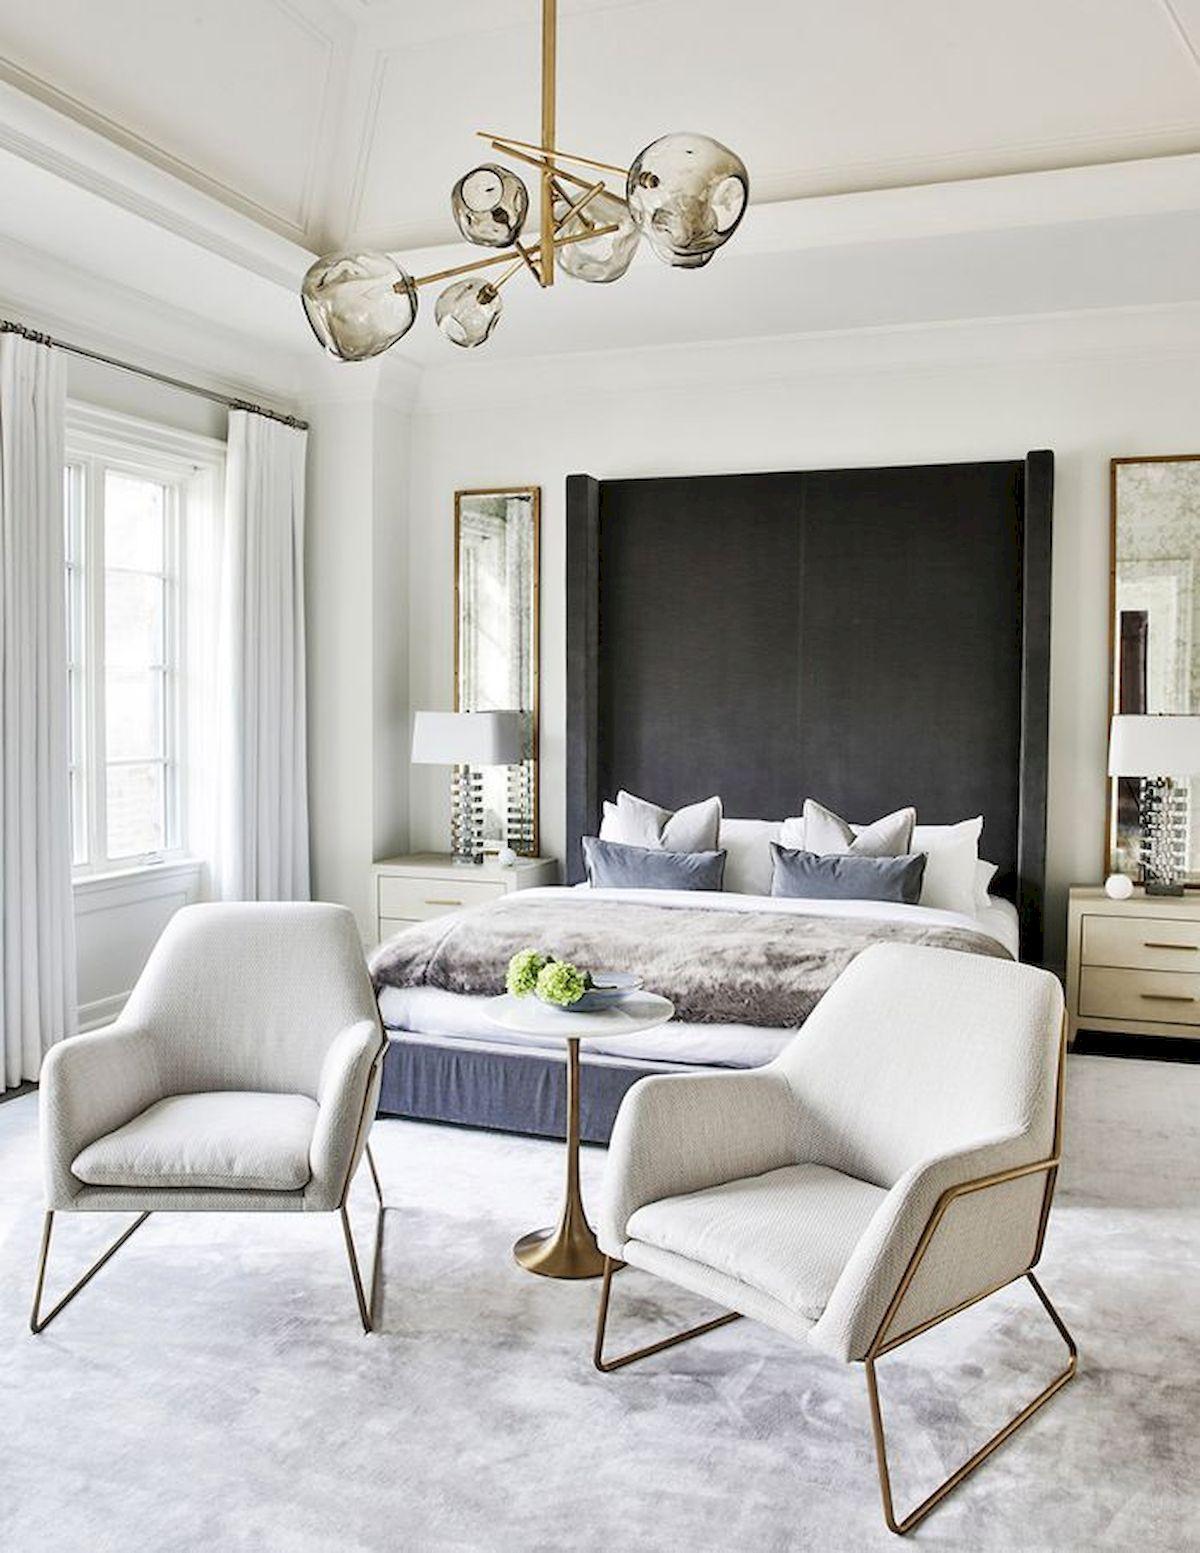 incredible bedroom decoration idea to copy